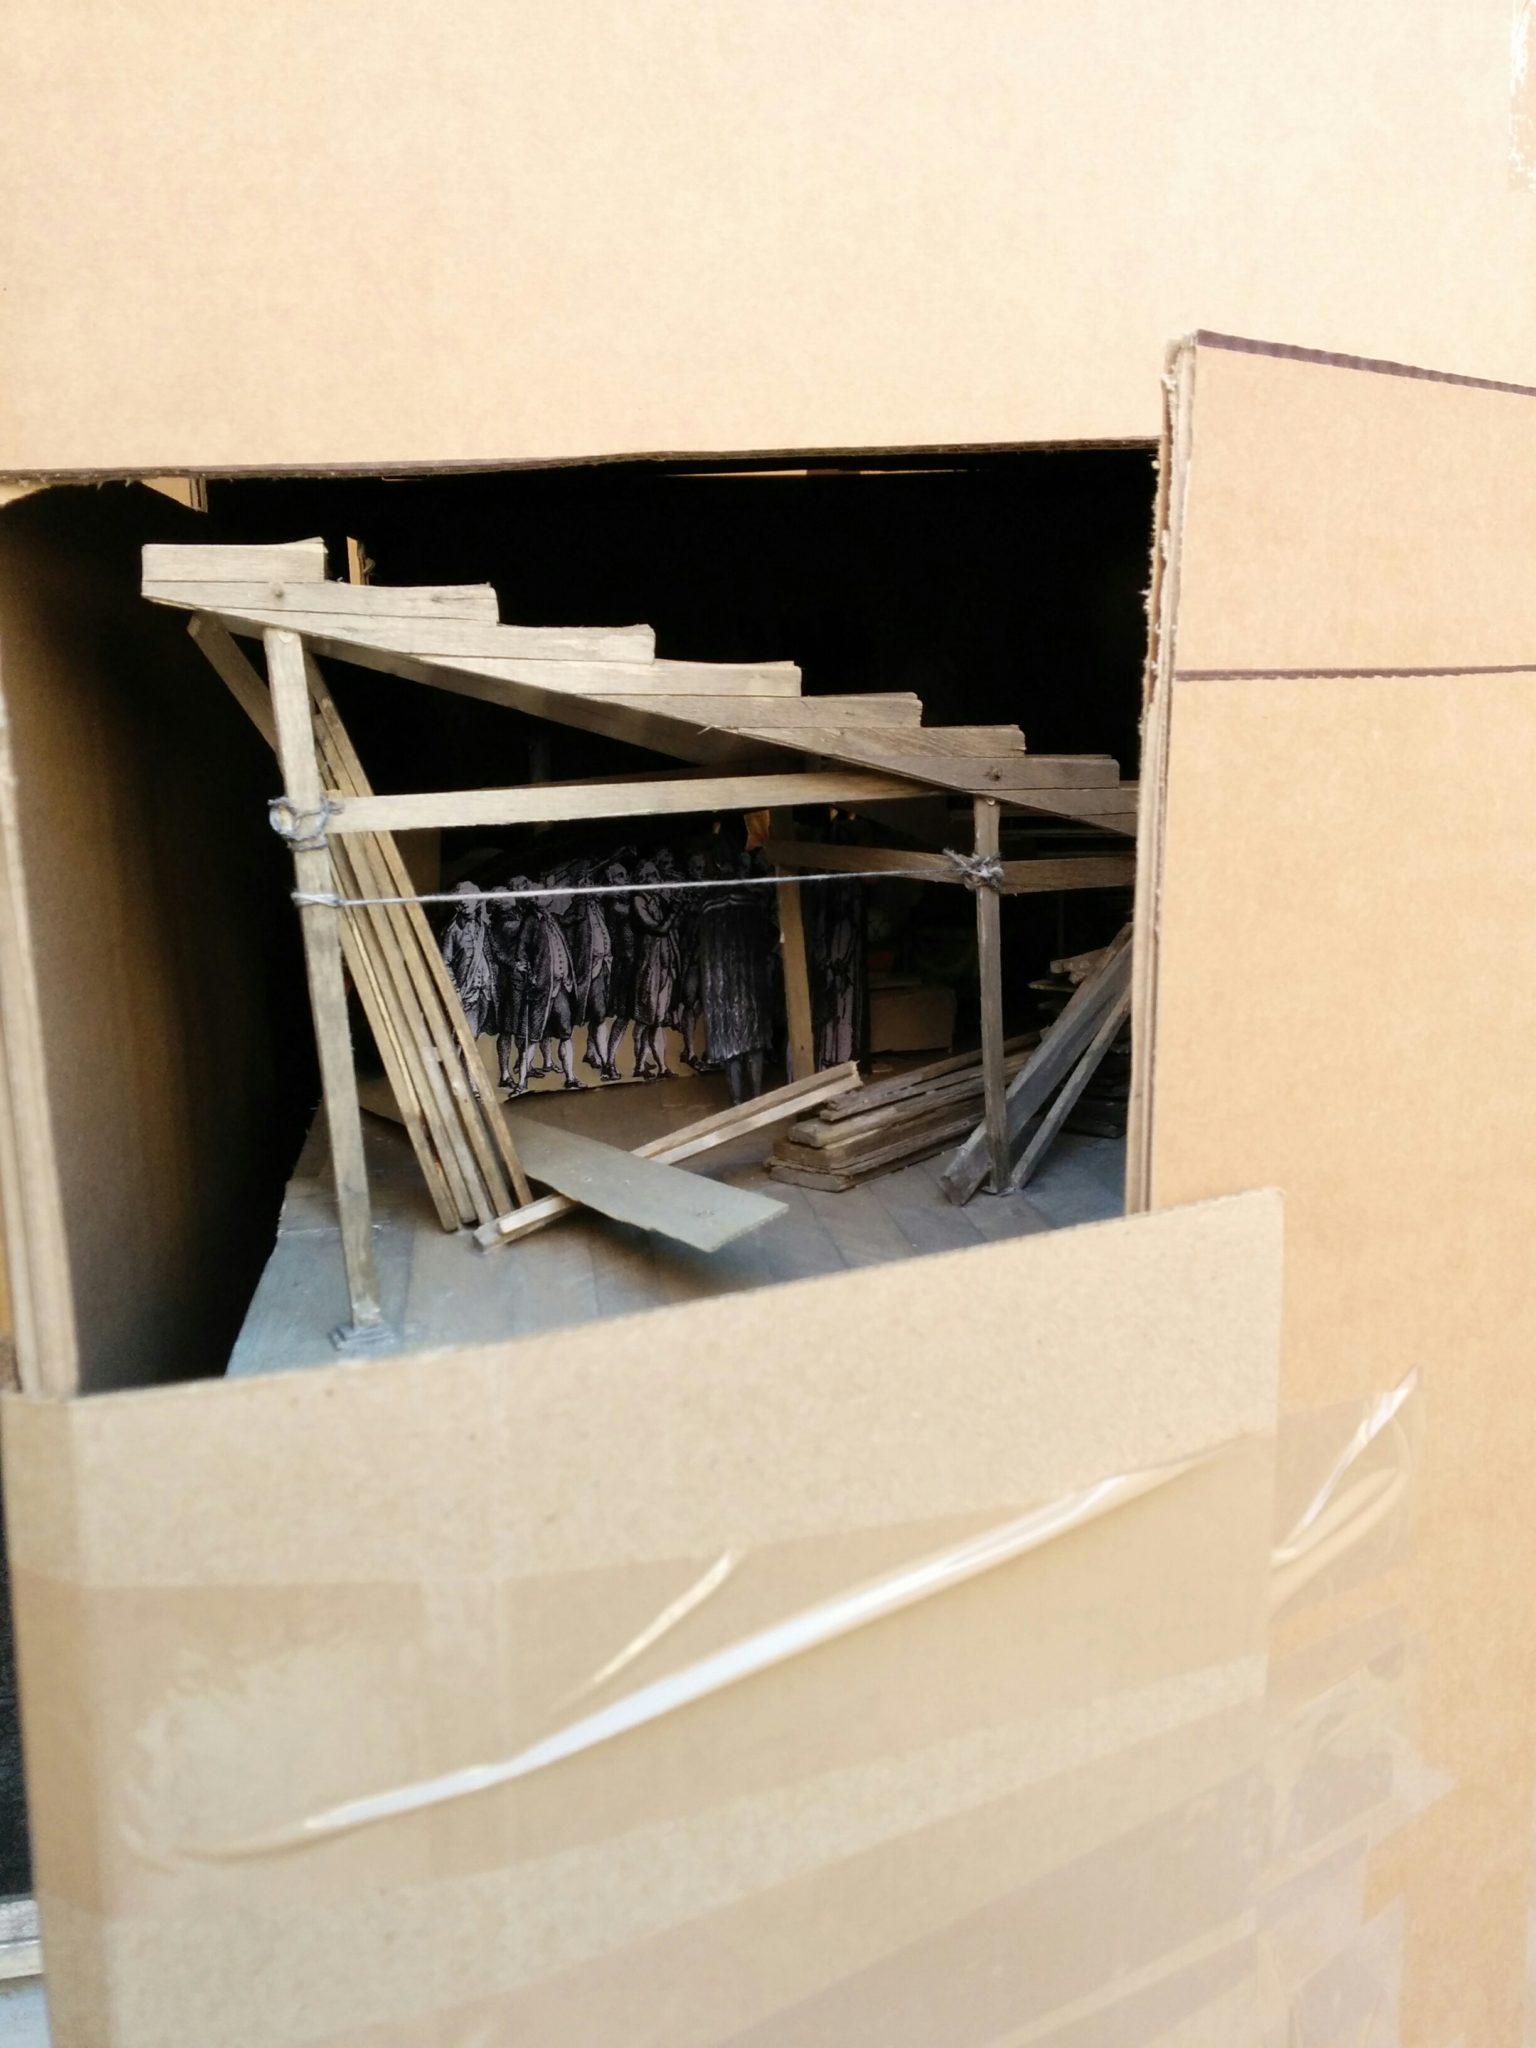 historisches museum frankfurt die Schneekugelmodelle kommen an